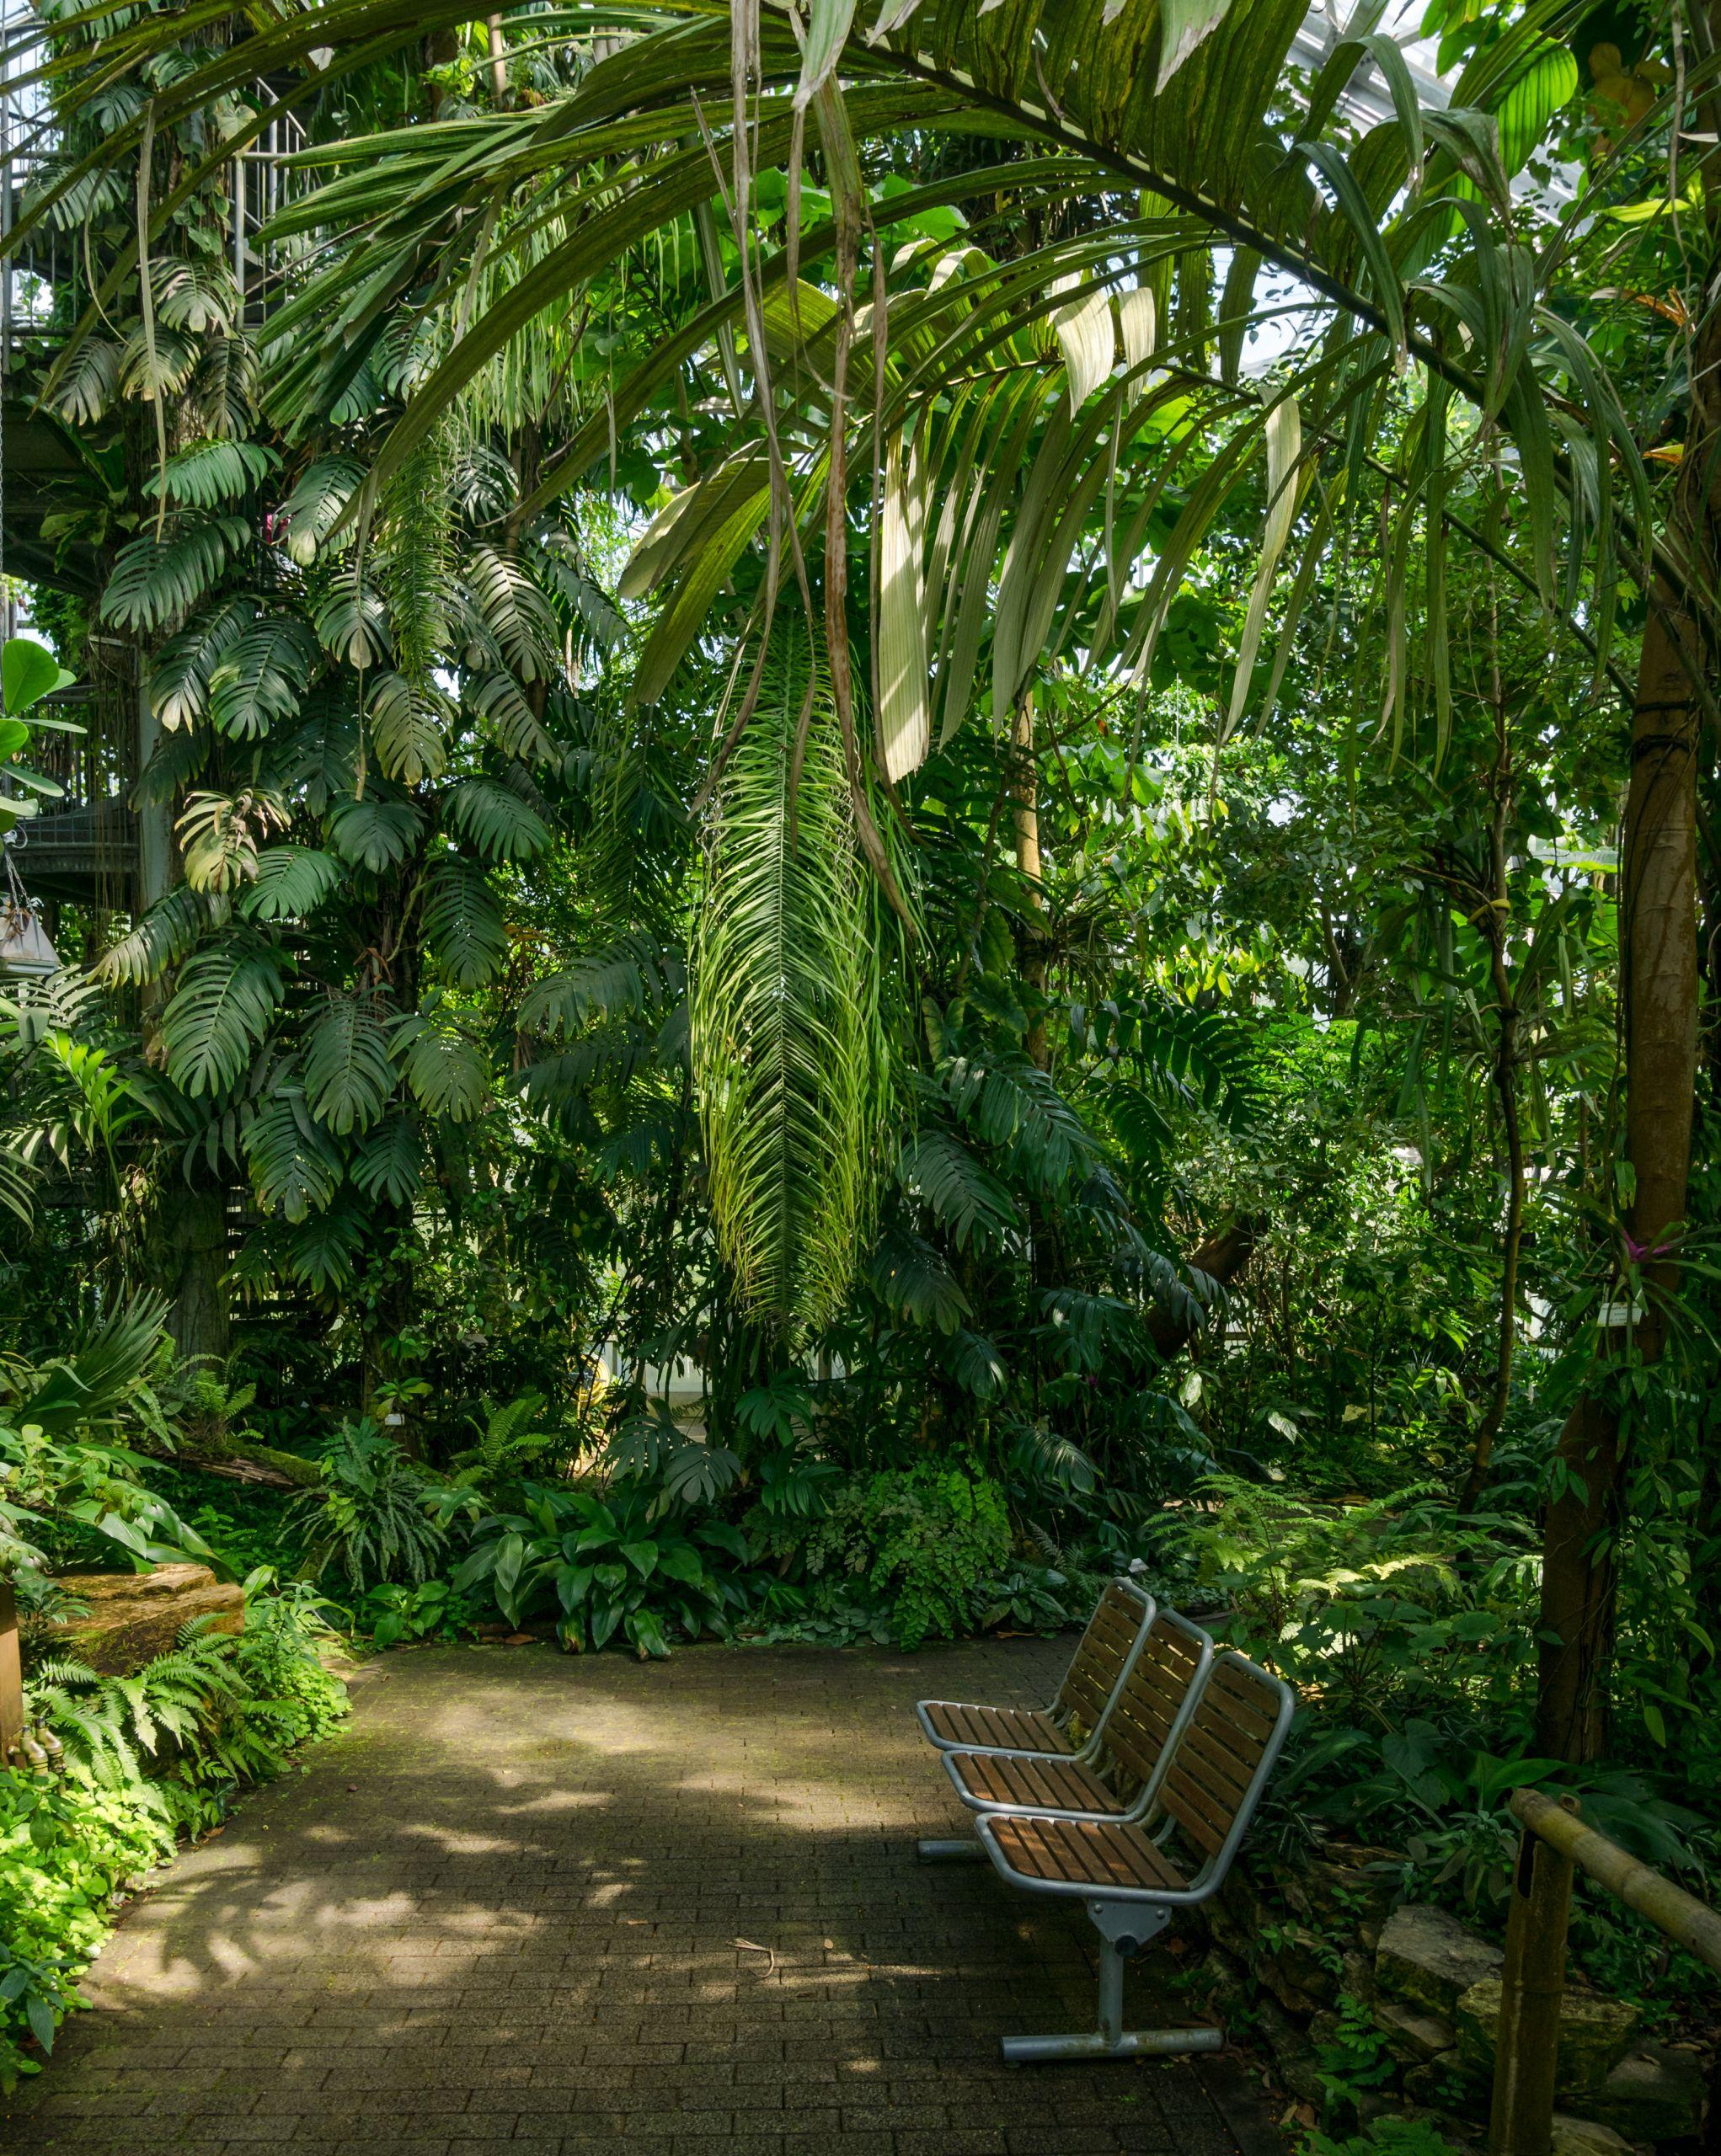 Botanischer Garten Rostock Best Of File Osnabrück Botanischer Garten Tropenhaus